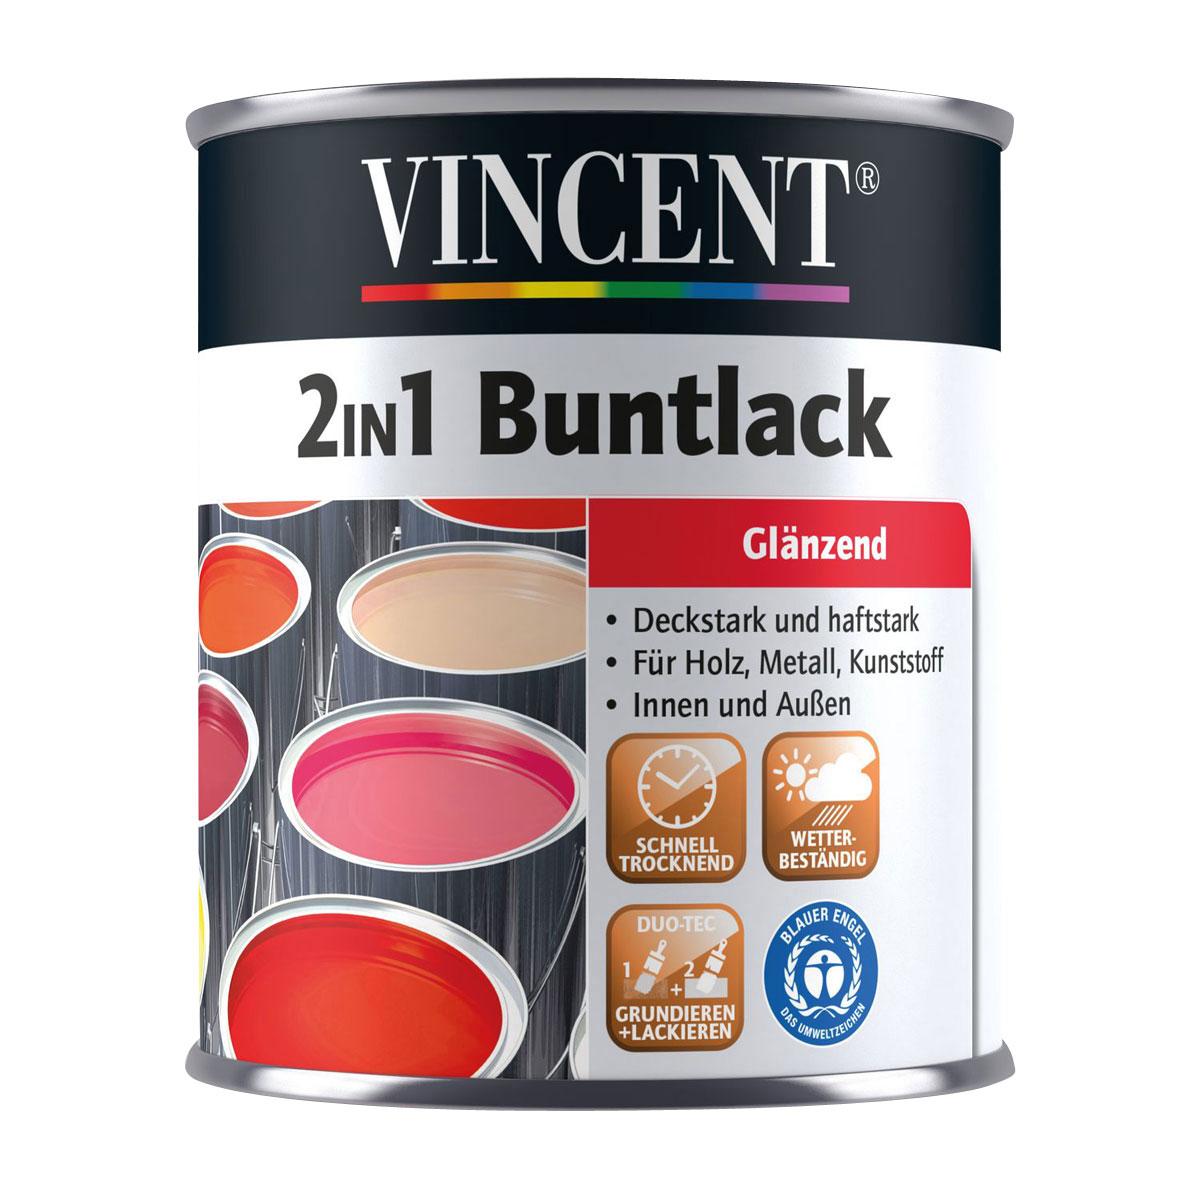 Vincent 2in1 Buntlack silbergrau